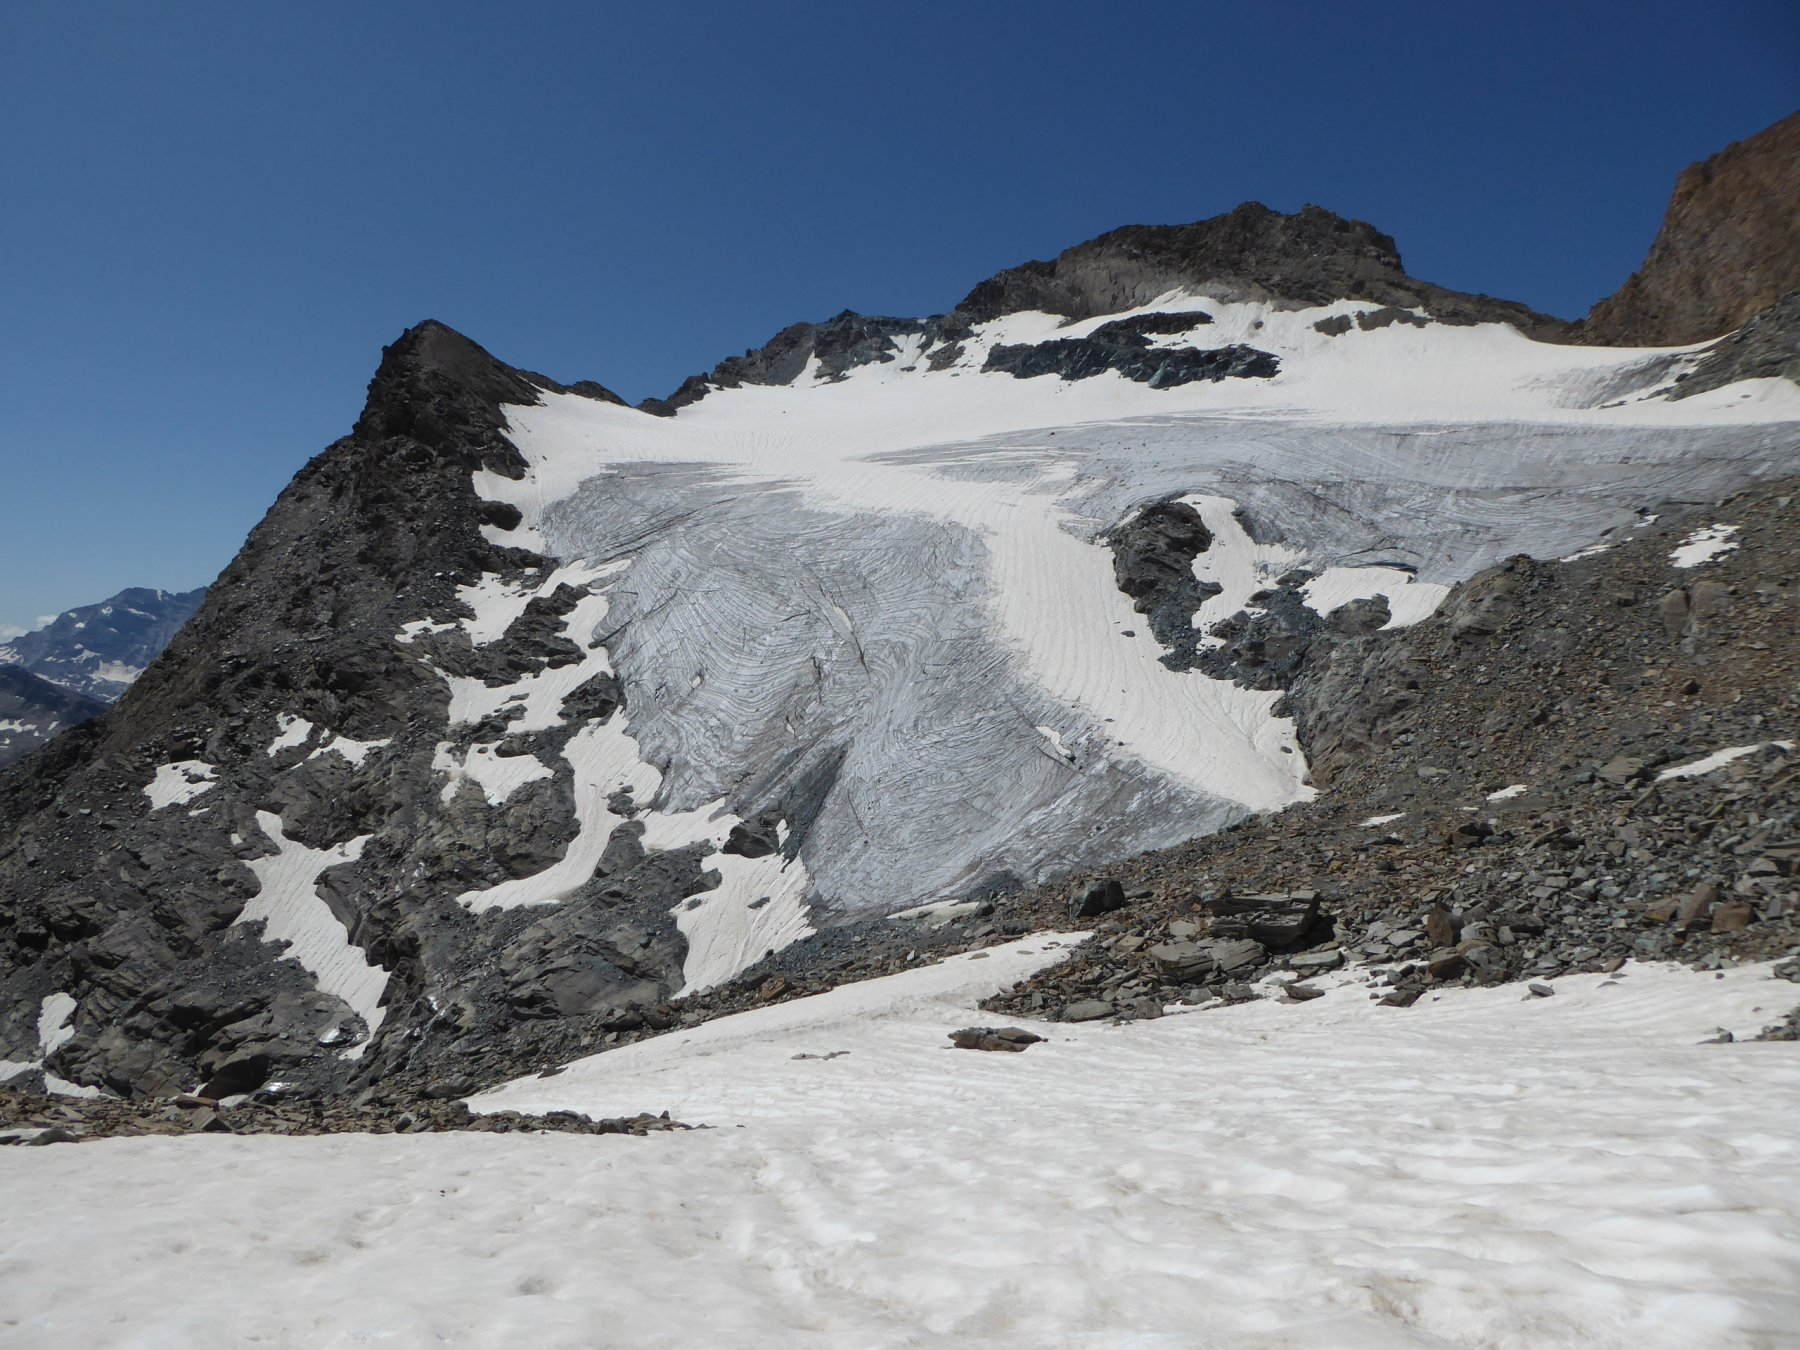 ghiacciaio dell'Aouille, sullo sfond il Taou Blanc